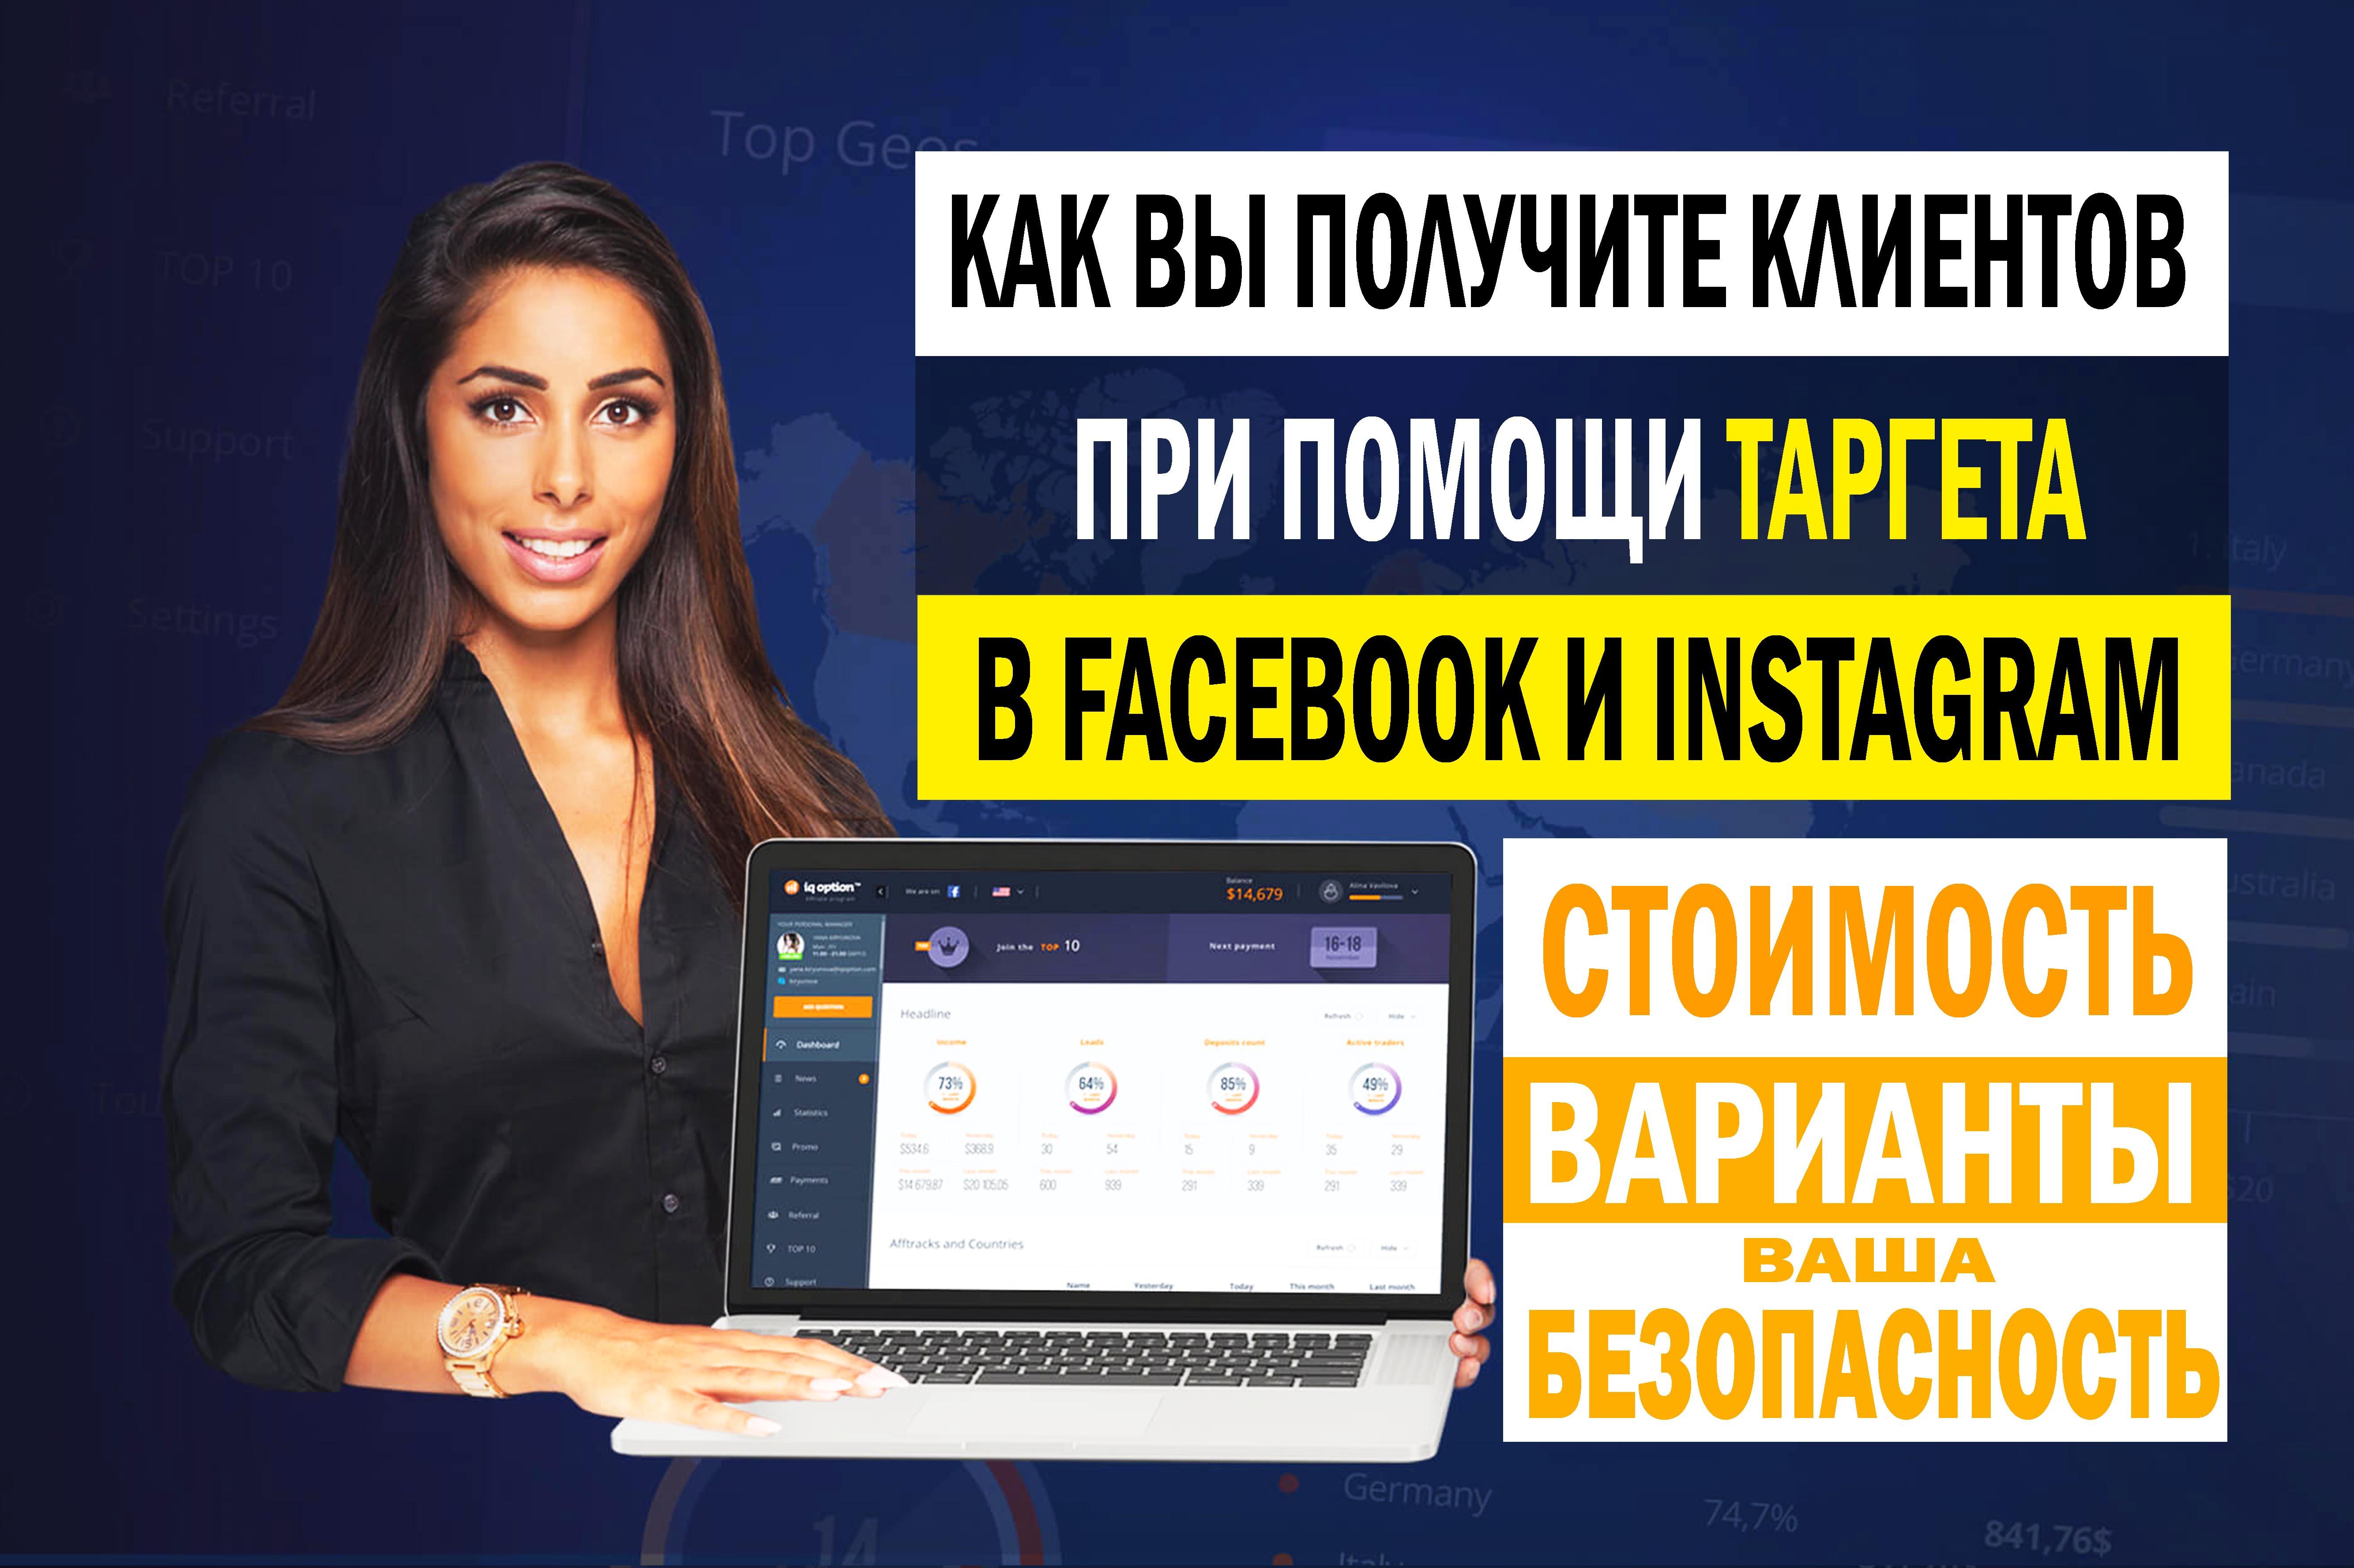 Получение клиентов при помощи таргетированной рекламы в Фейсбук и Инстаграм